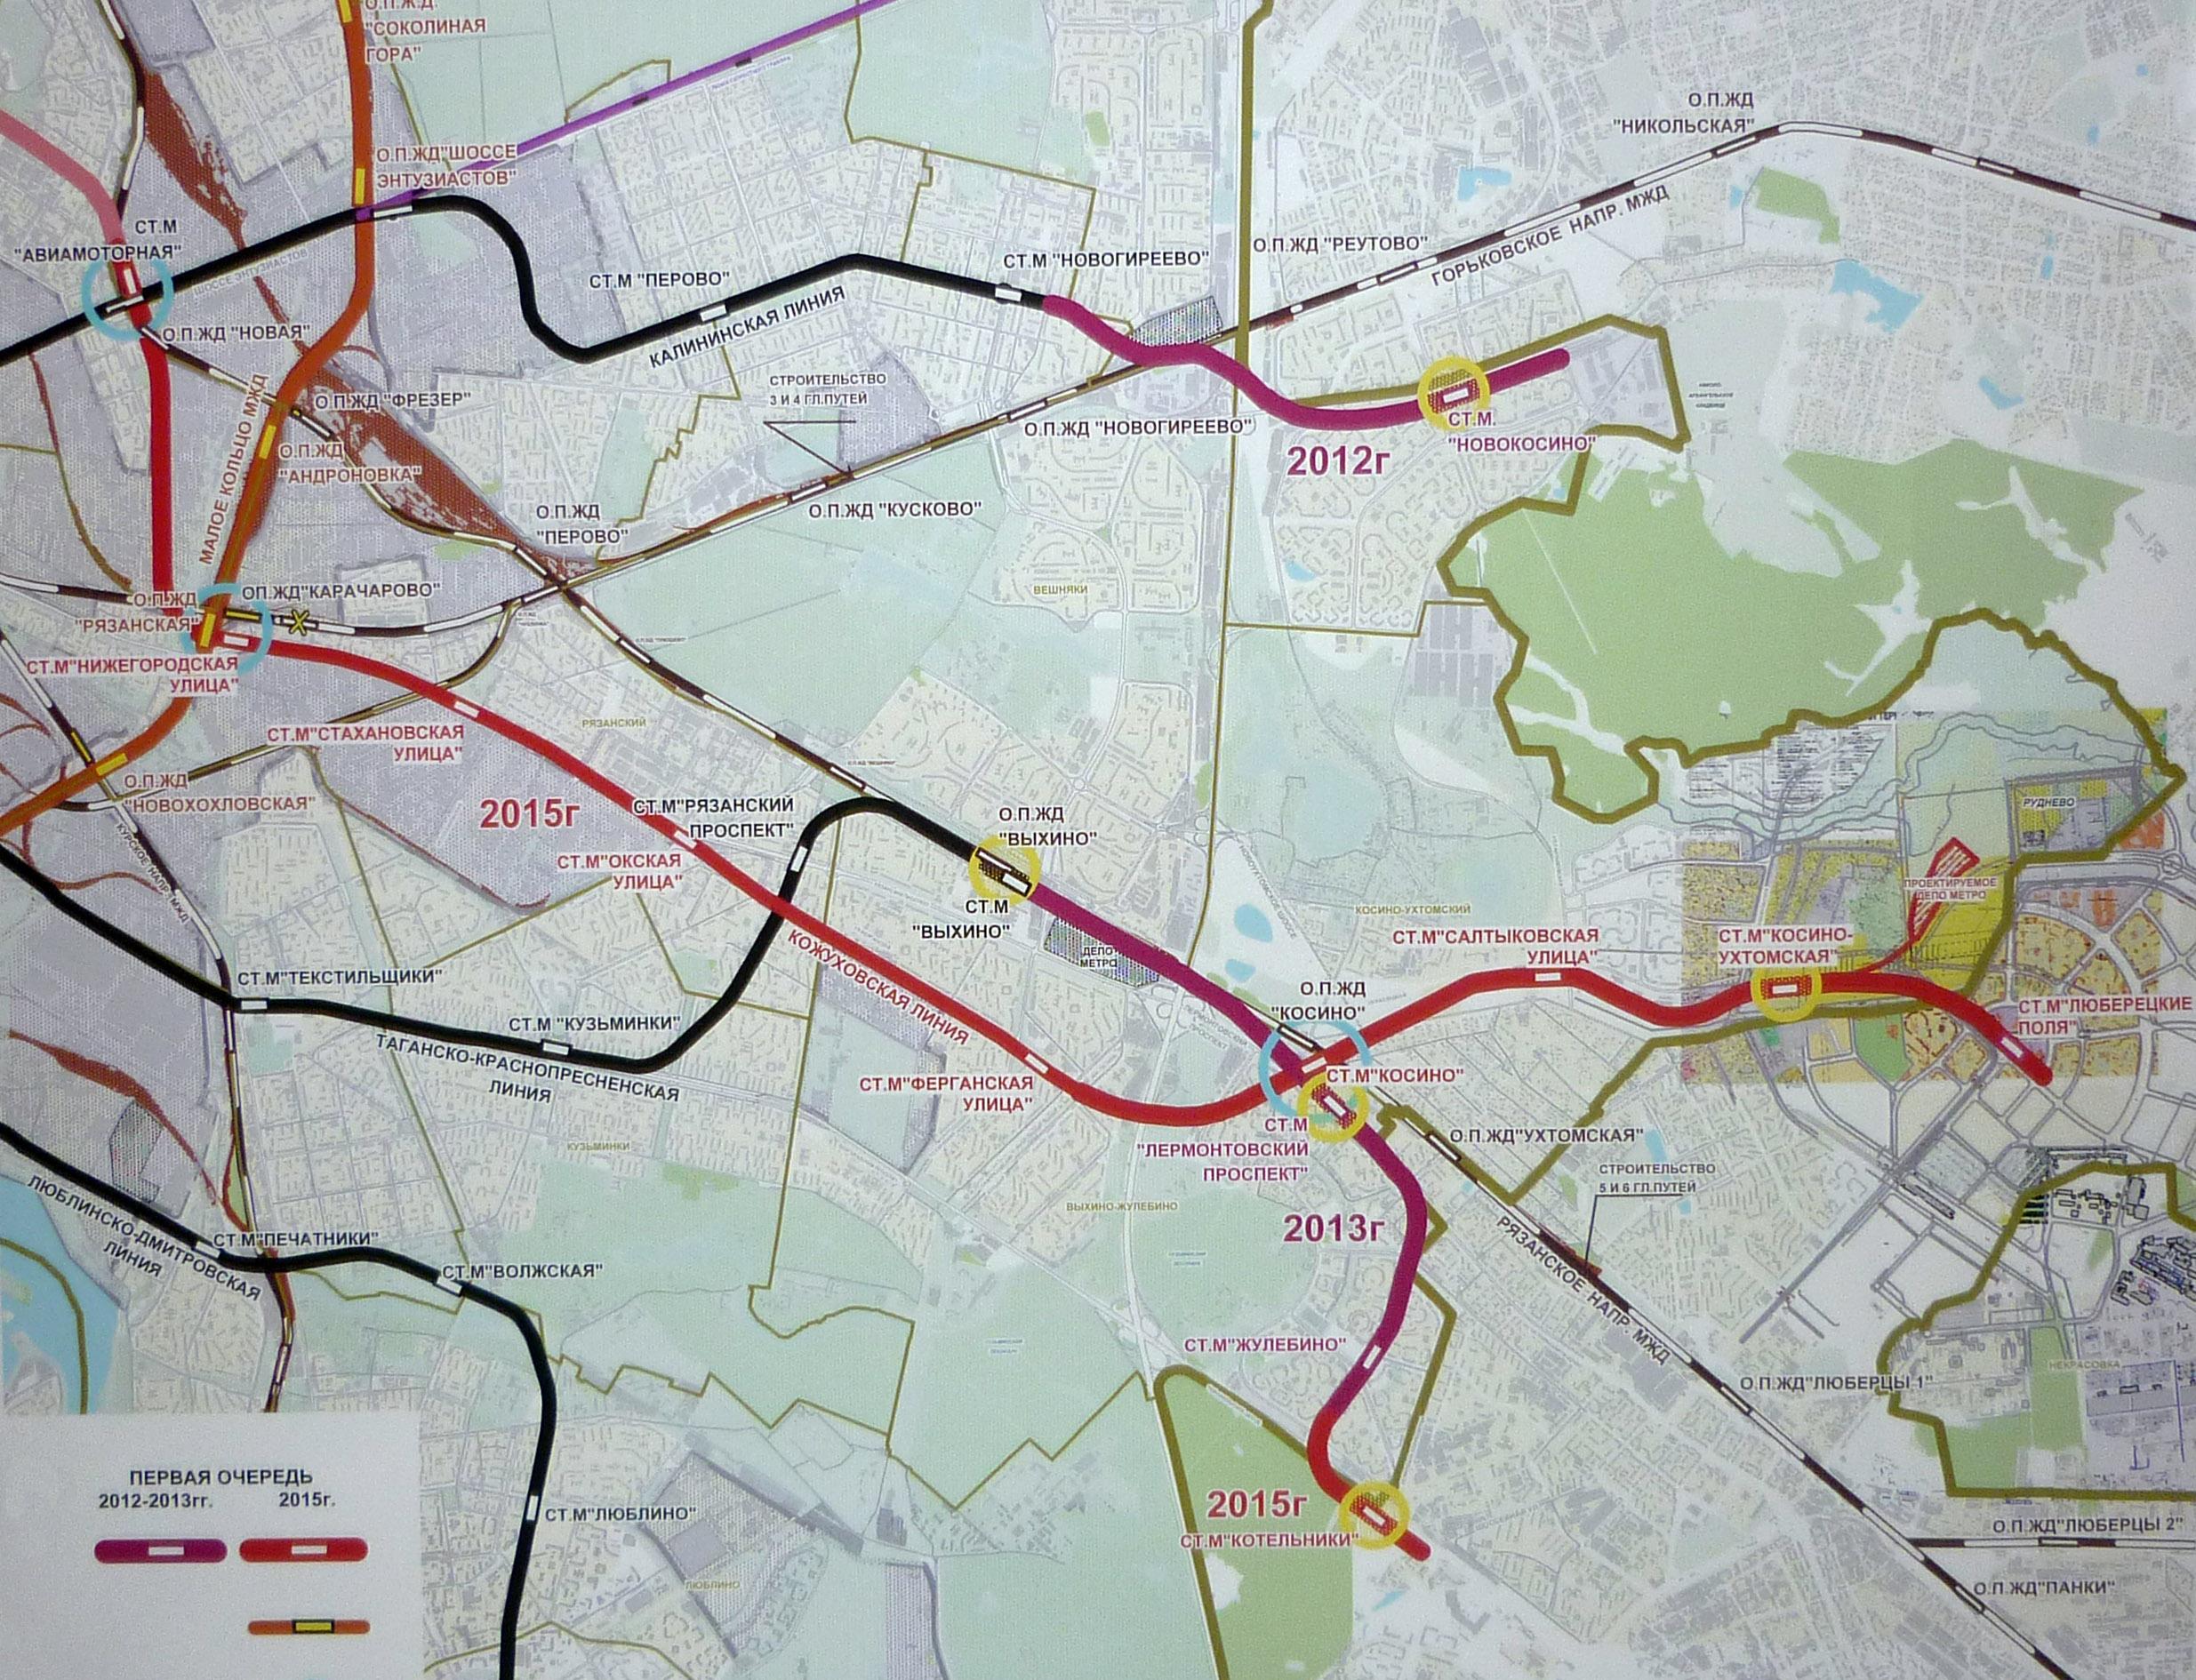 Схема линии метро кожуховской линии метро